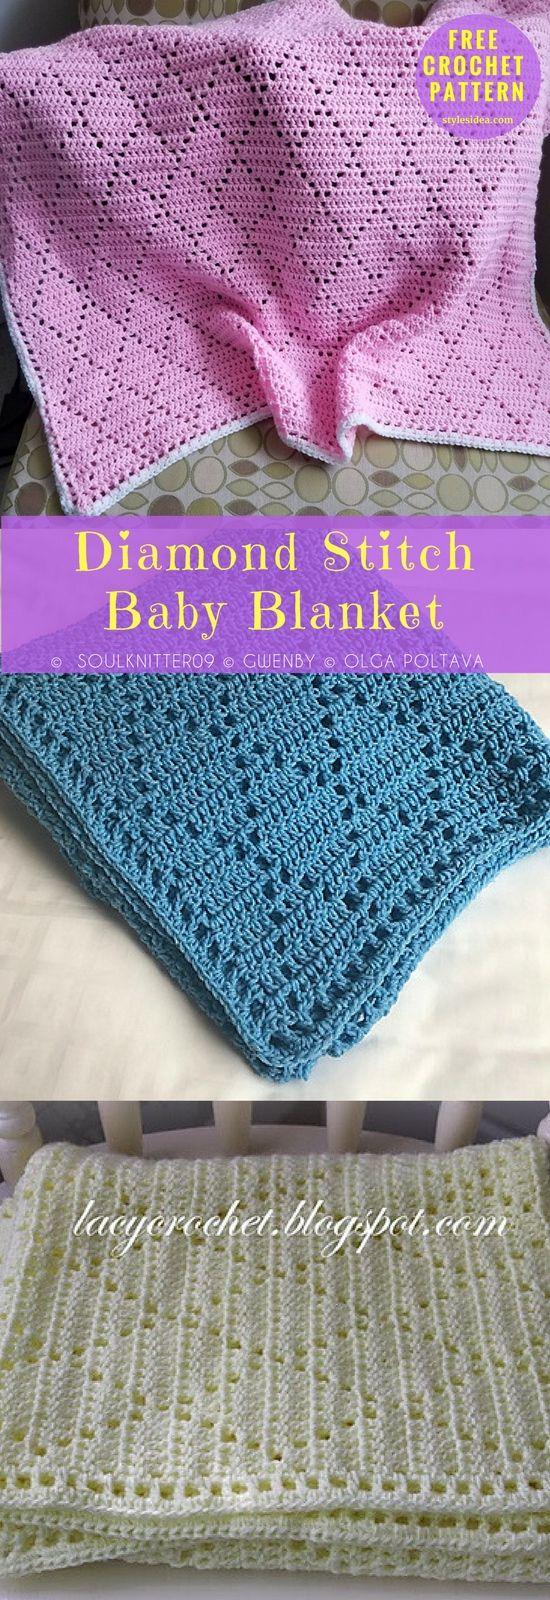 Diamond Stitch Baby Blanket [Free Crochet Pattern] | My Hobby